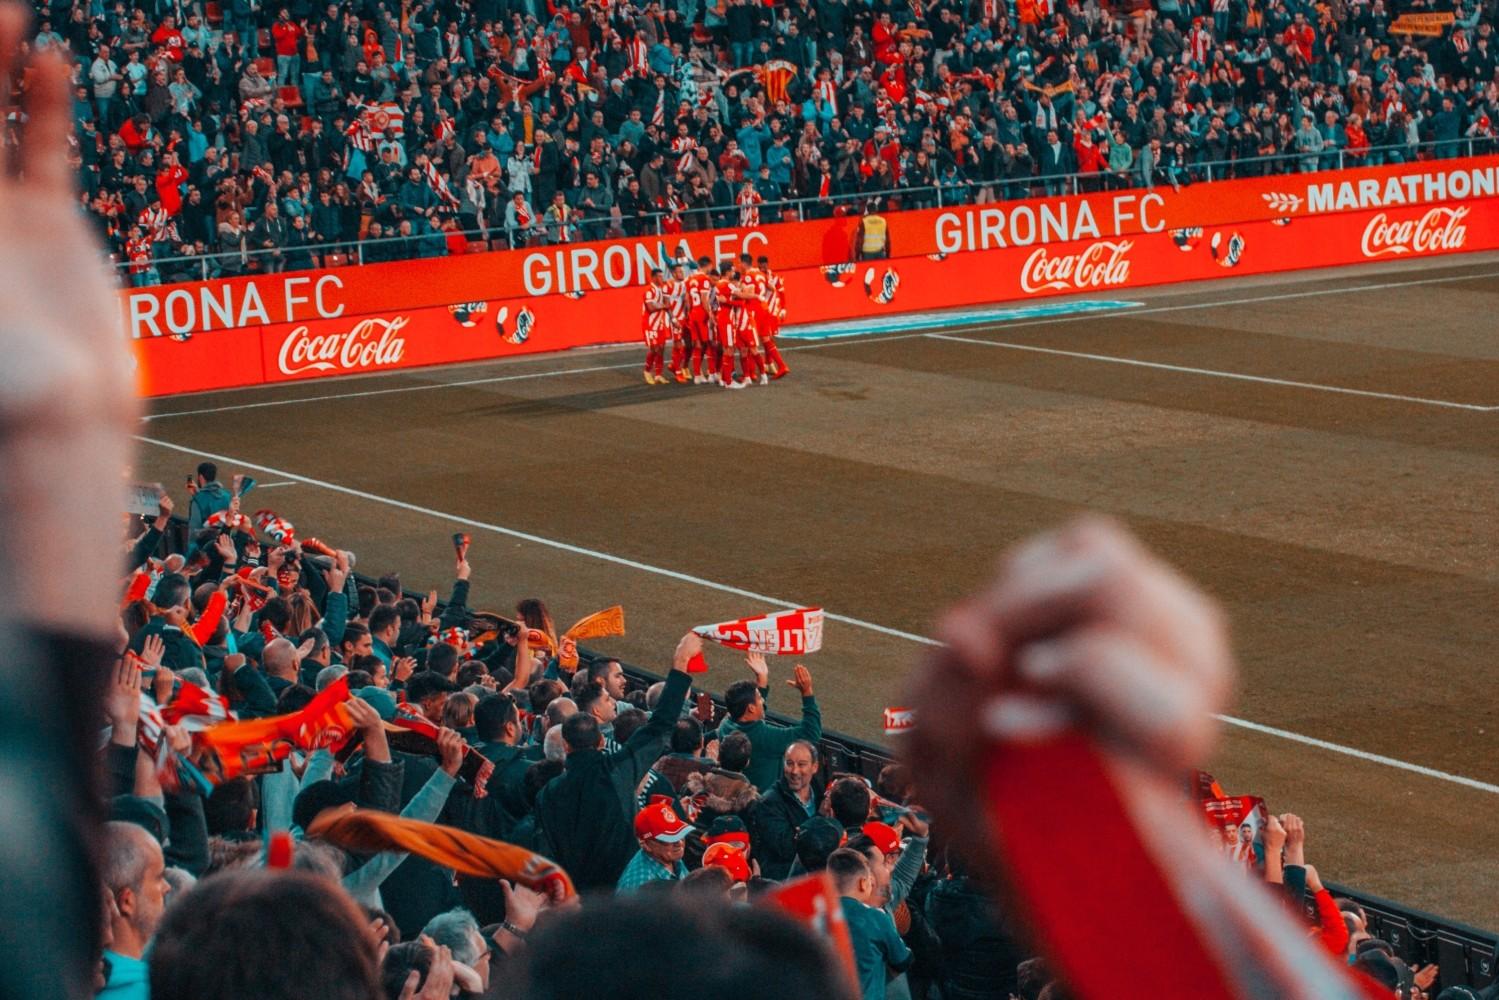 Girona FC / Fotografia de  Martí Pardo